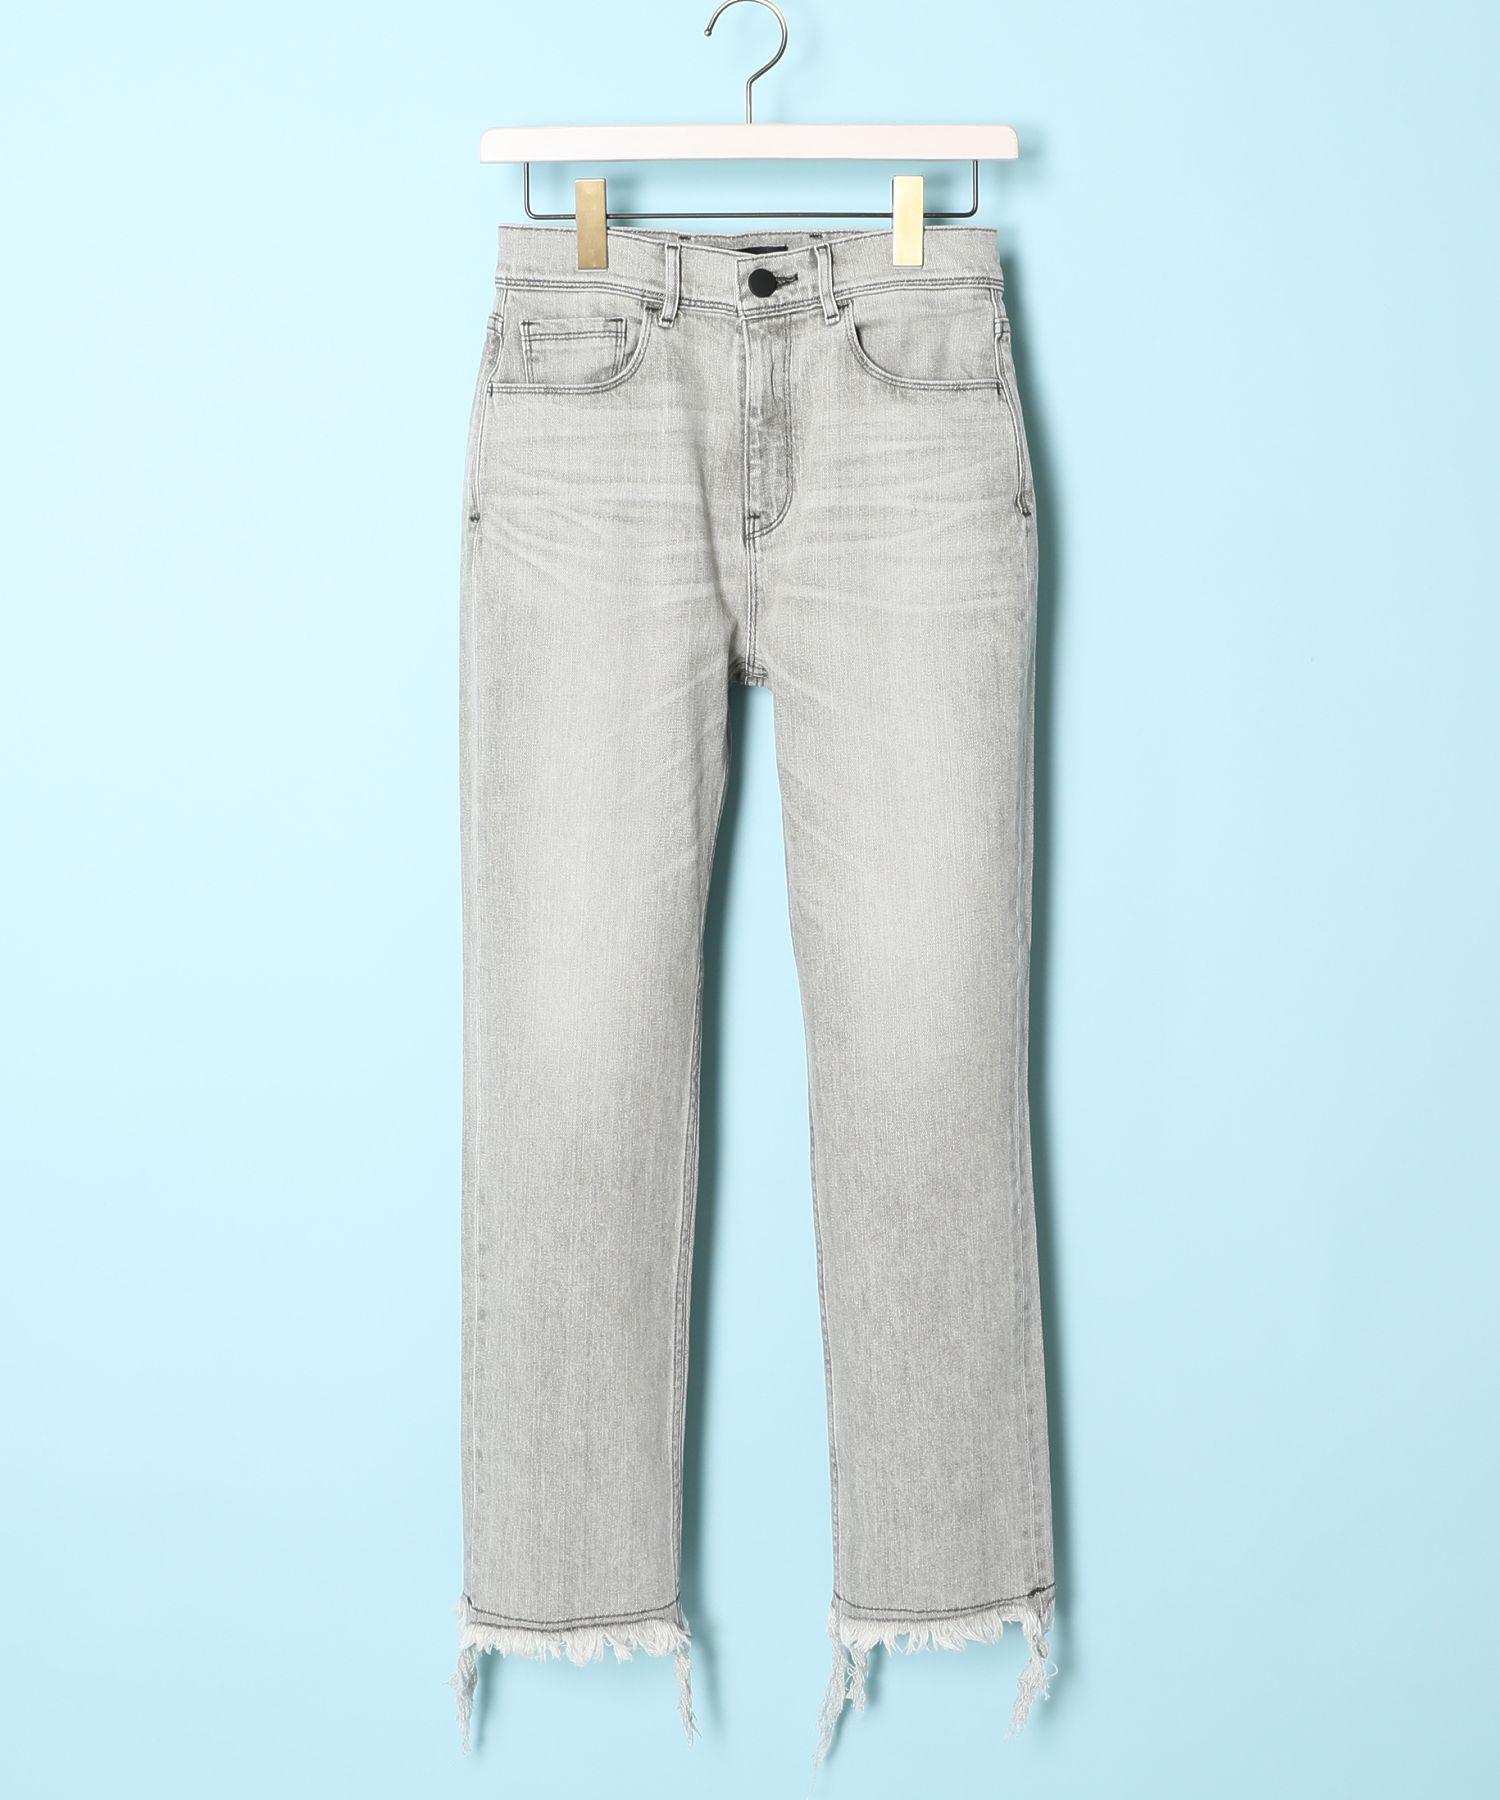 THE BLACK ザブラック / FIRE ストレートフィットジーンズ Straight Fit Jeans